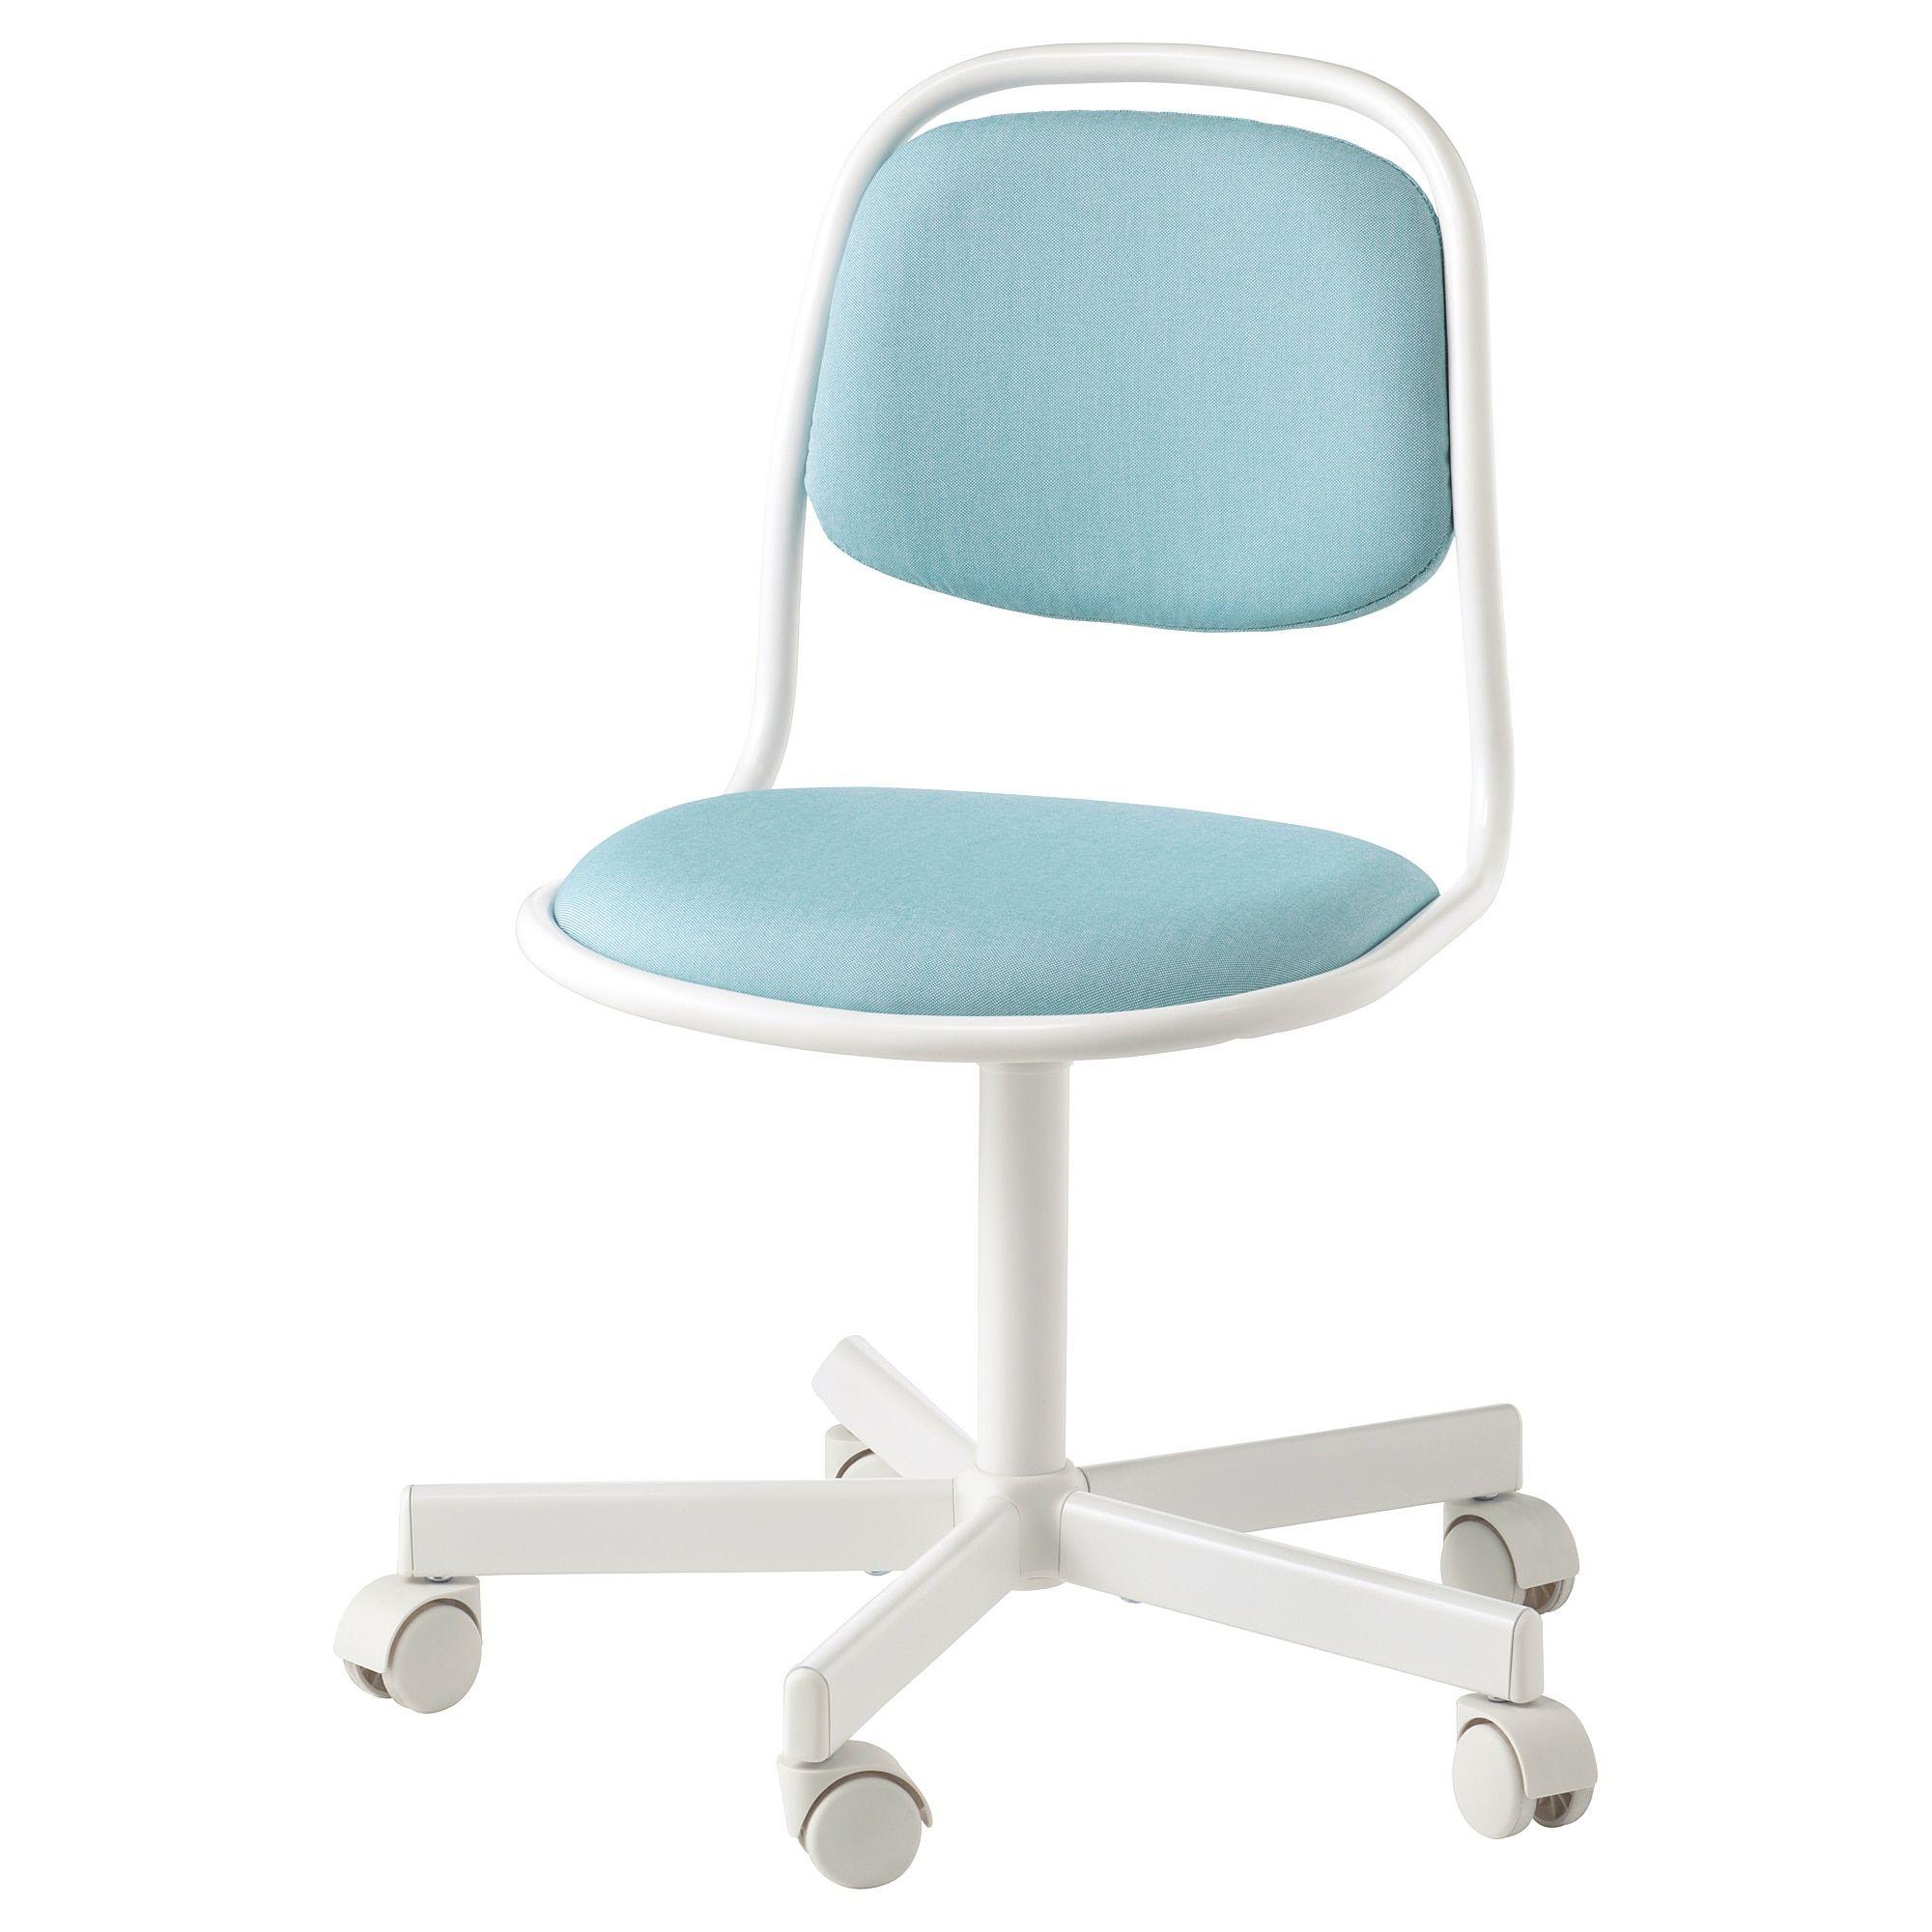 ÖRFJÄLL Child's desk chair white, Vissle blue/green in